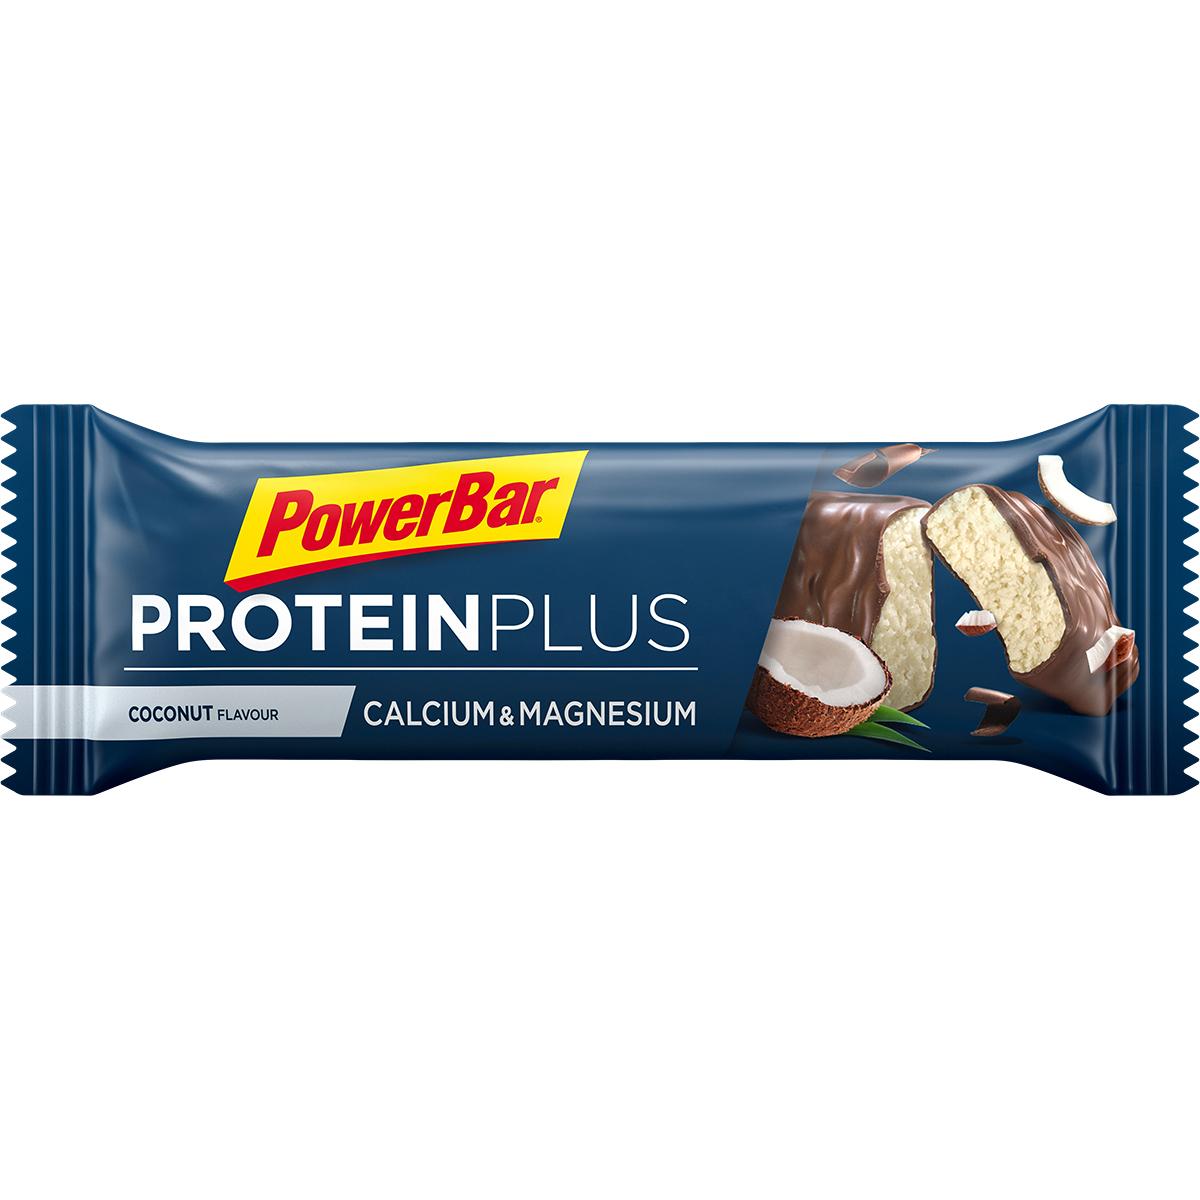 PowerBar Protein Plus Calcium & Magnesium Coconut (35g) (MHD 07.2020)